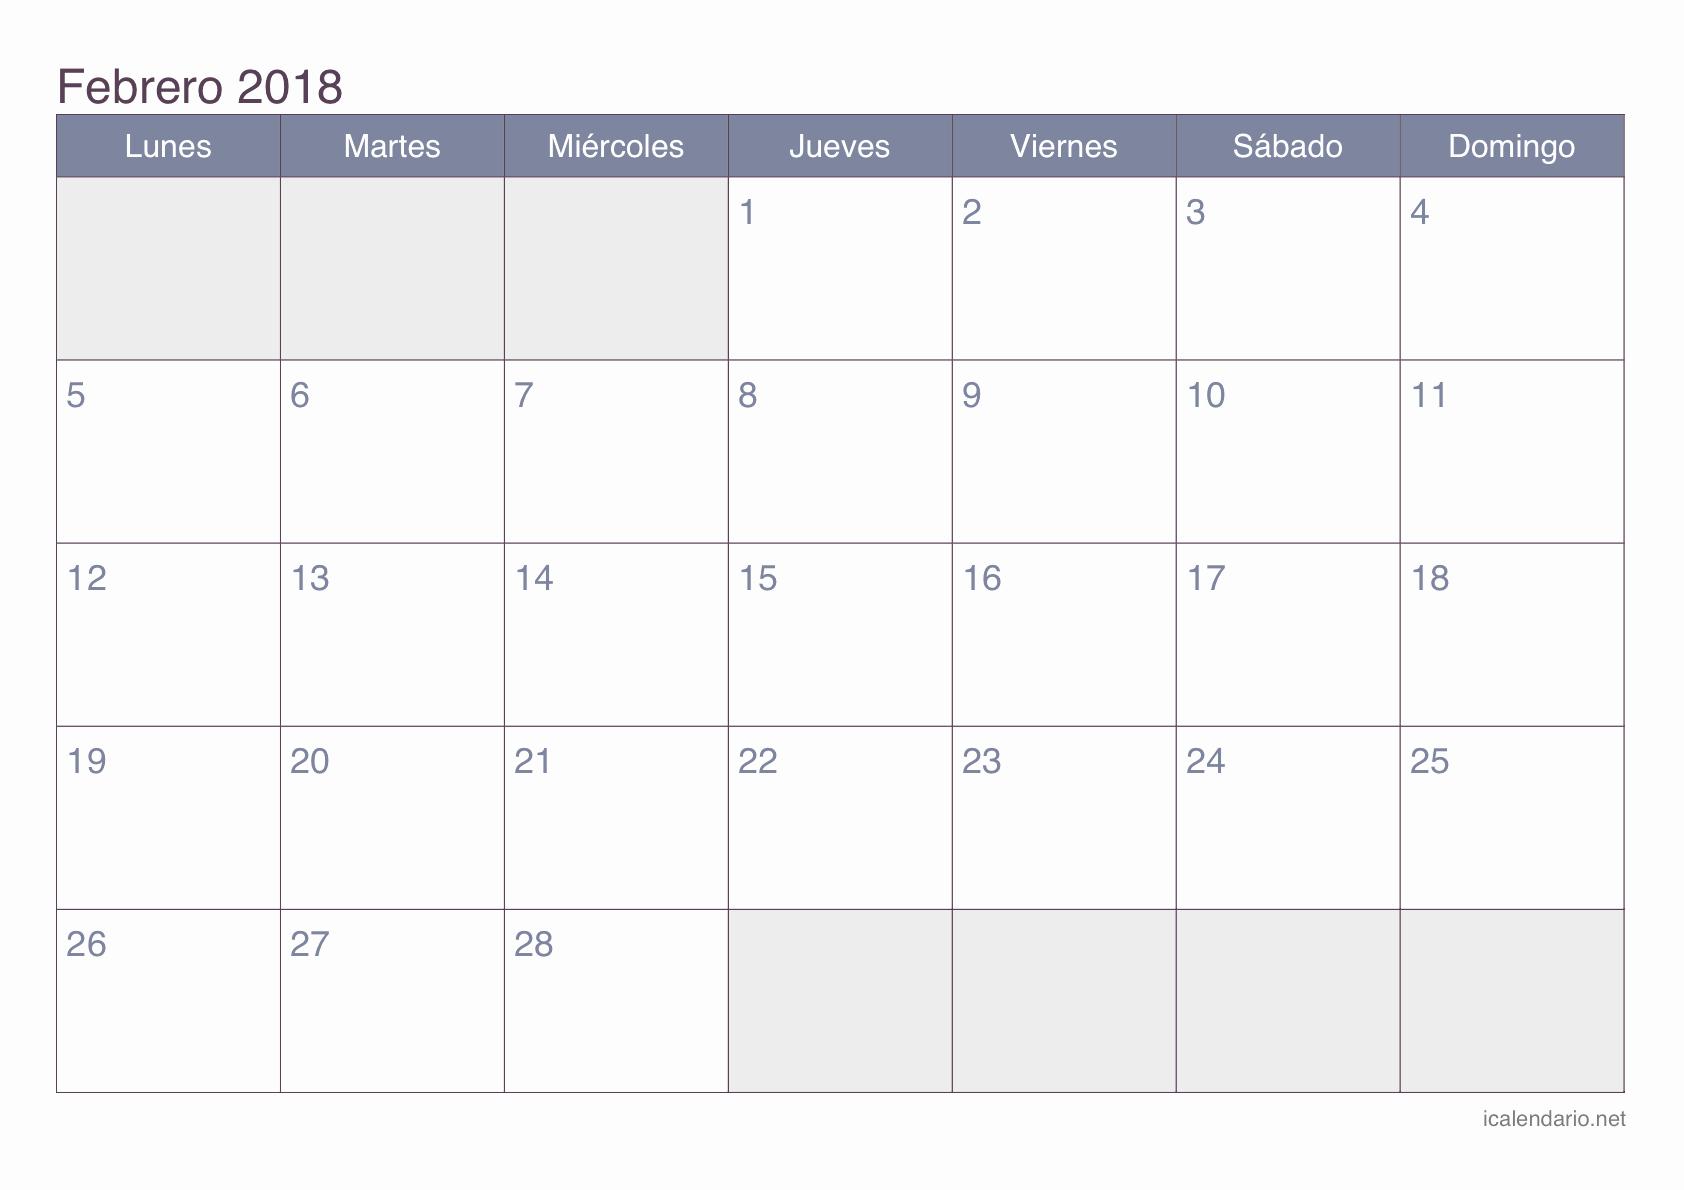 Calendario Febrero 2018 Para Imprimir Lovely Febrero Calendario 2018 Related Keywords Febrero